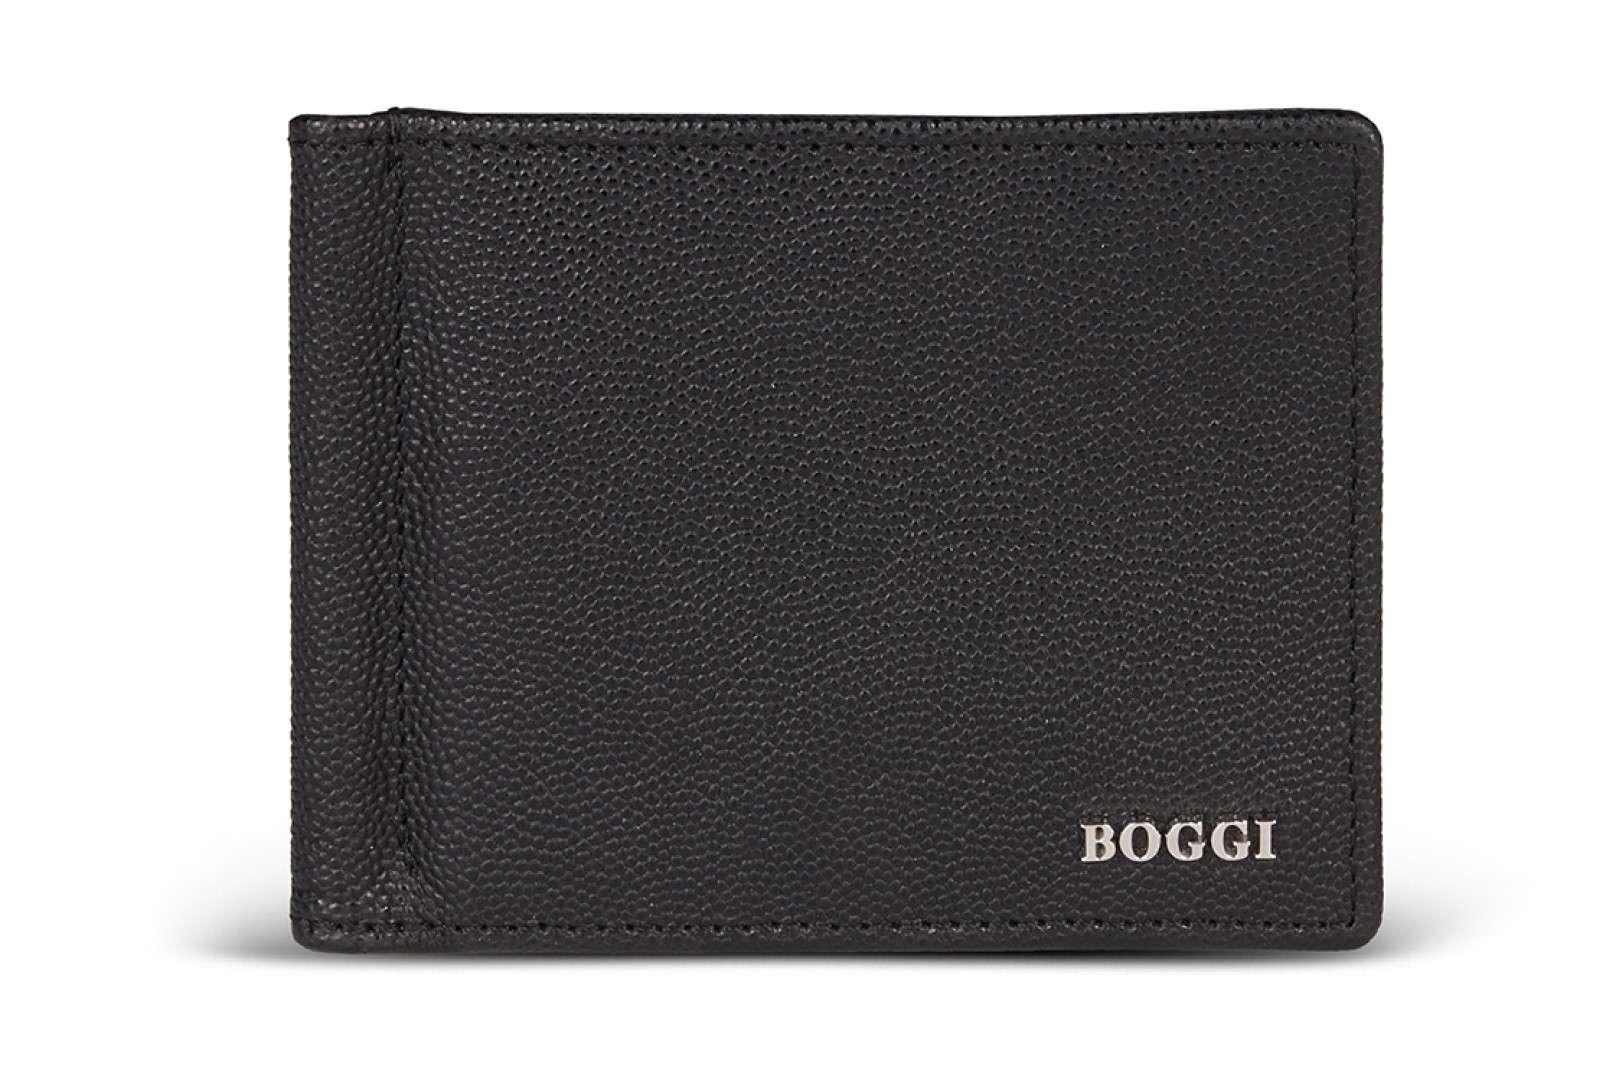 BO17C010801 Boggi Milano 8-card wallet